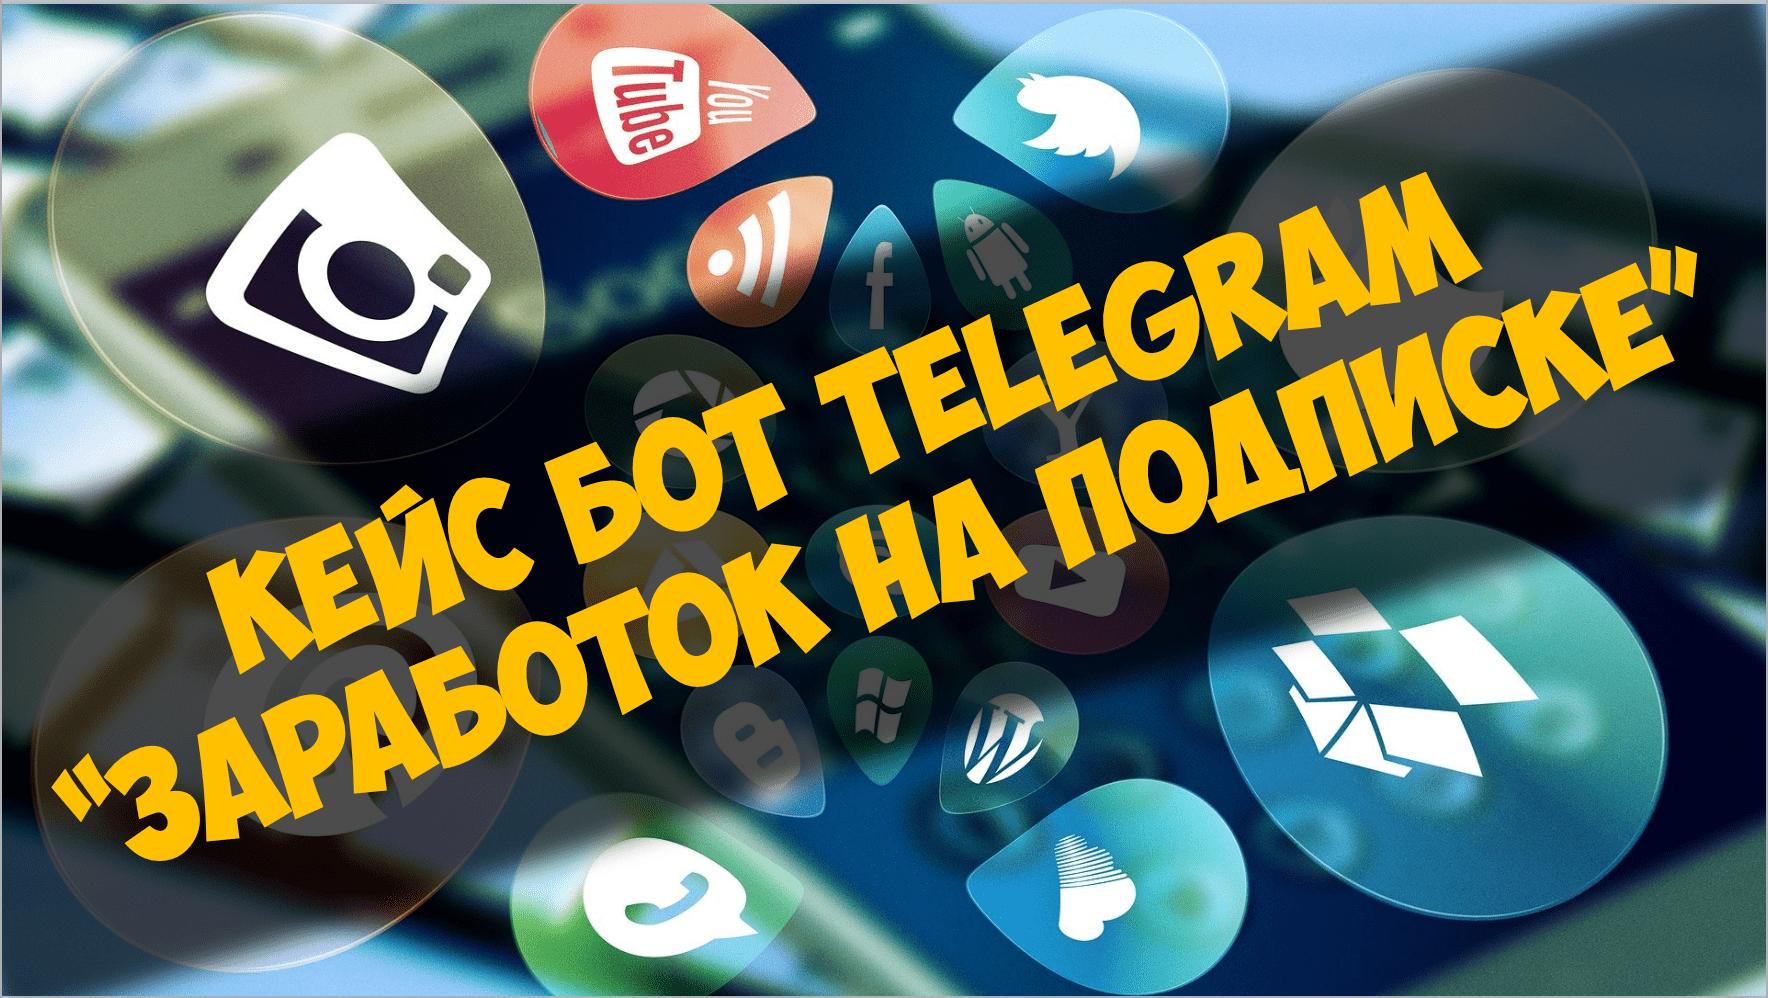 Кейс бот Telegram - Заработок на подписке